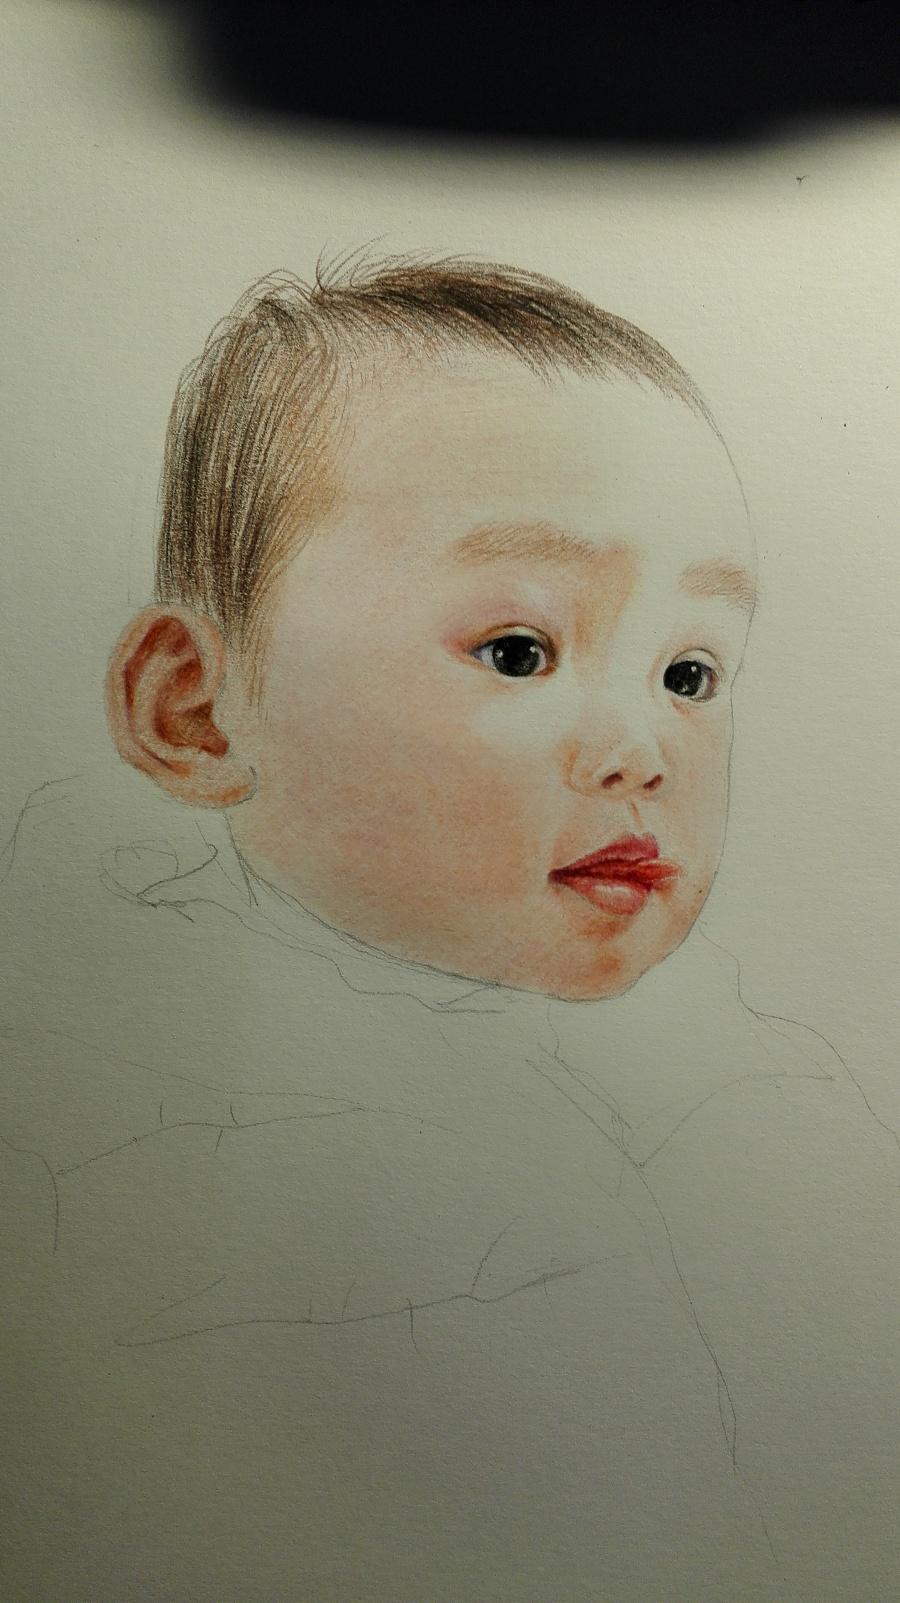 彩铅手绘习作.|彩铅|纯艺术|寒塘鹤影啦啦